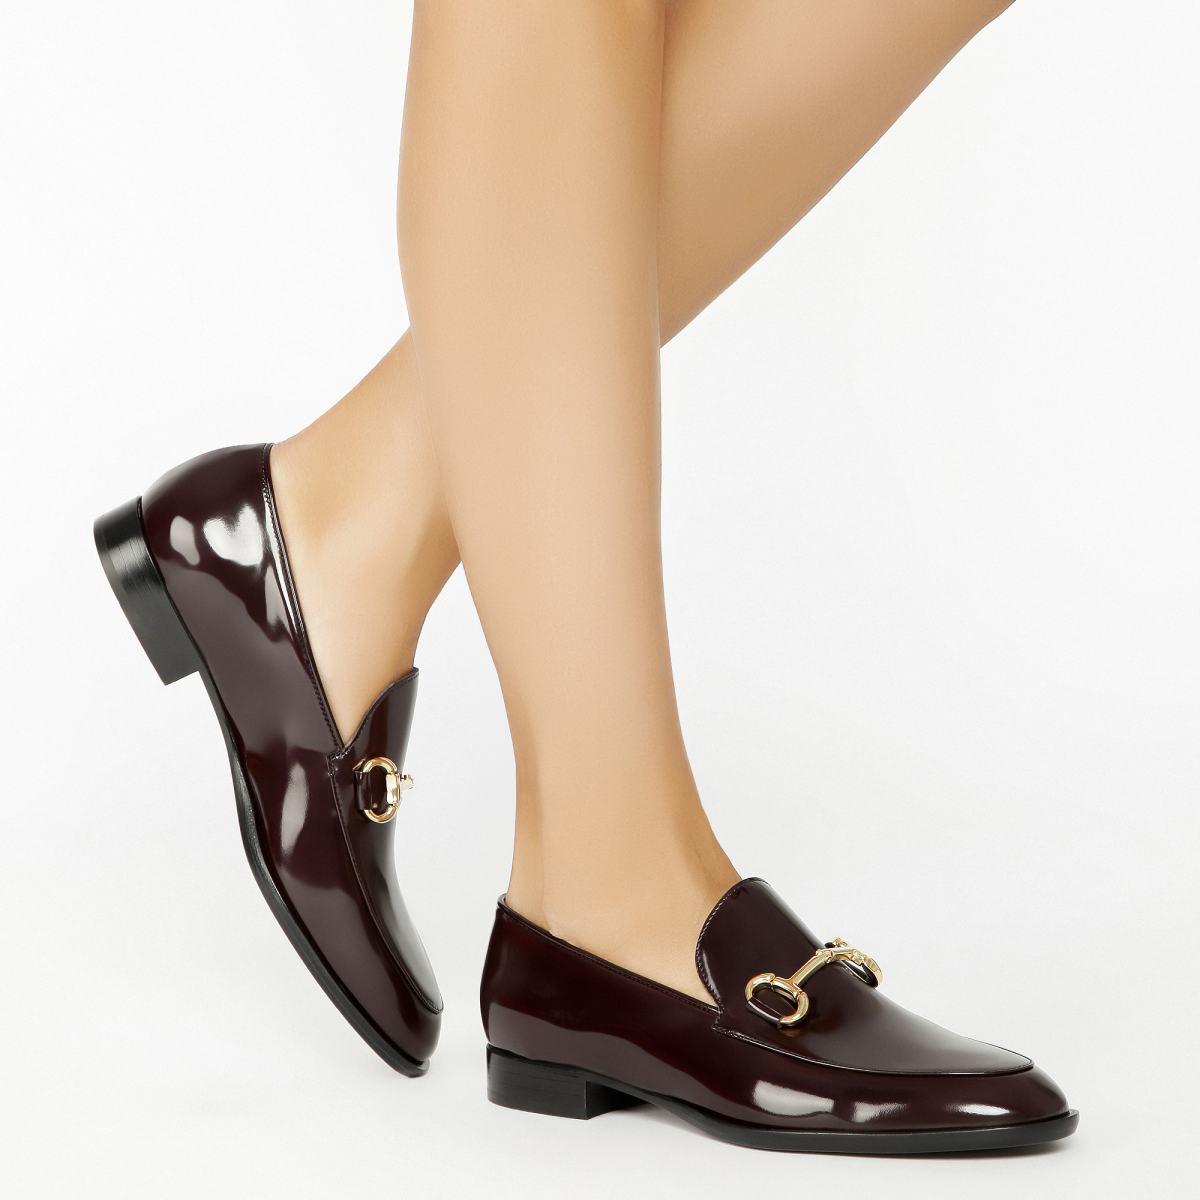 gallery_1_novaja-kollekcija-agl-dlja-cenitelej-stilnoj-obuvi